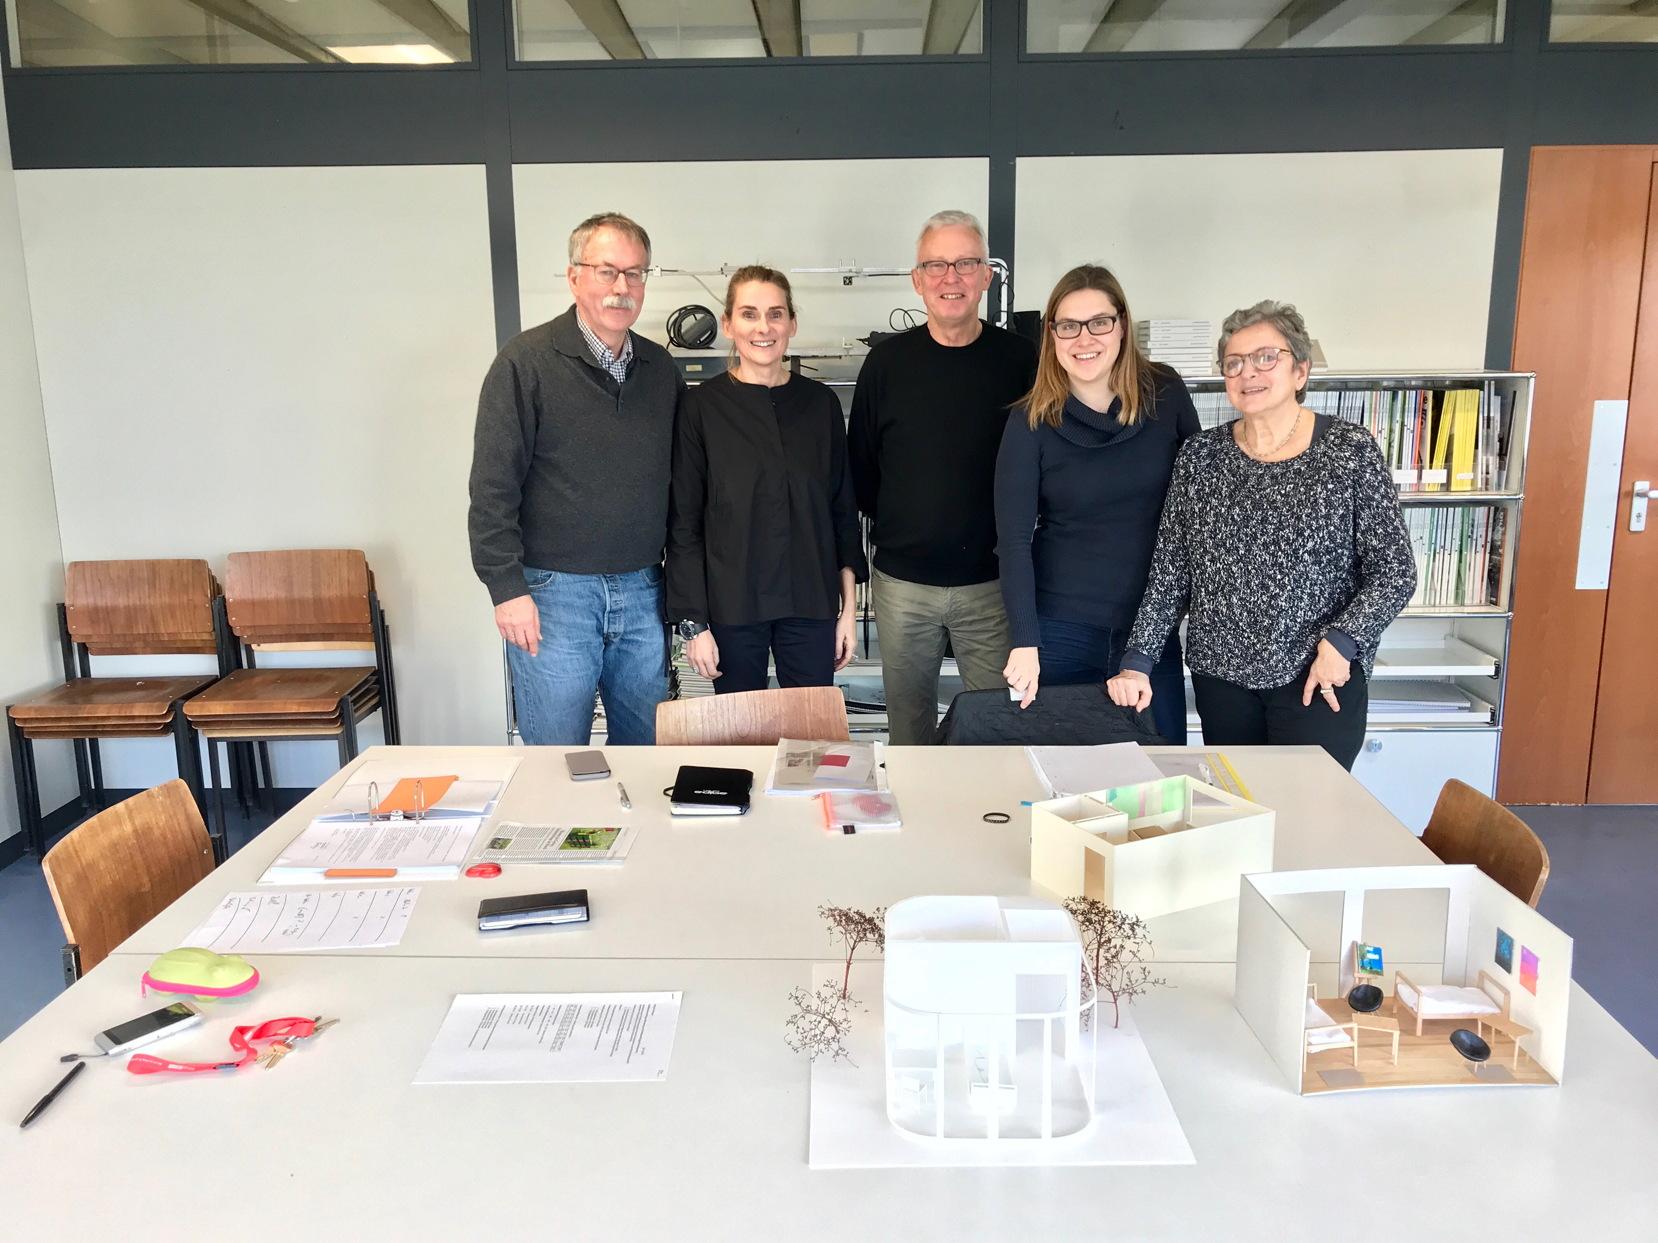 Heike Raabe / Zukunft Bauen – generationsübergreifend gemeinsam Zukunft planen